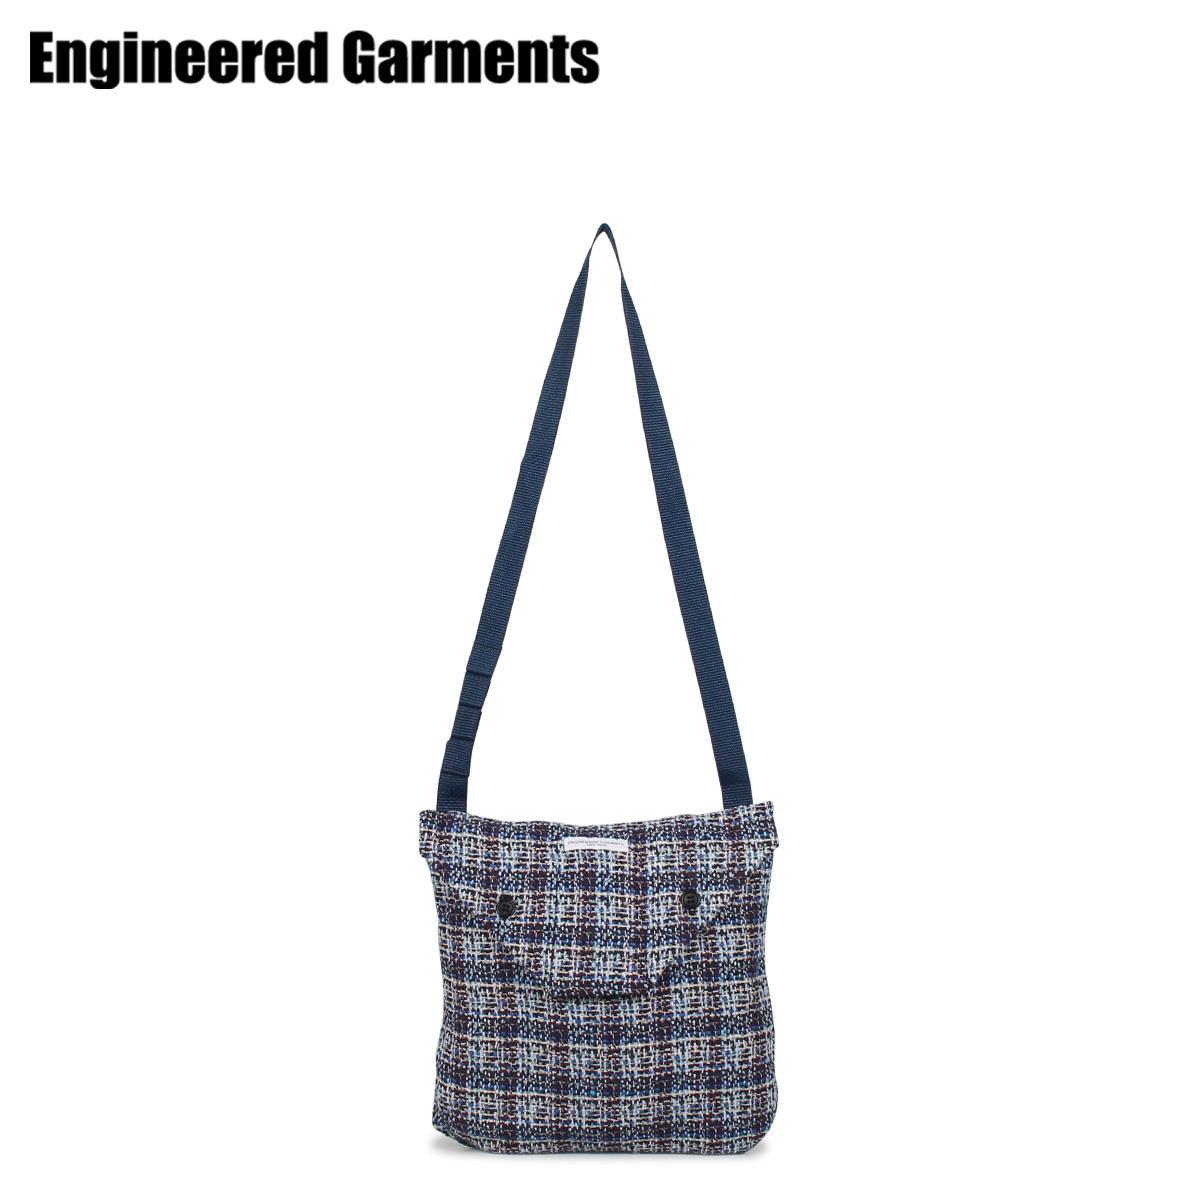 ENGINEERED GARMENTS エンジニアドガーメンツ バッグ ショルダーバッグ サコッシュ メンズ レディース SHOULDER POUCH ブルー 20S1H014 [3/26 新入荷]